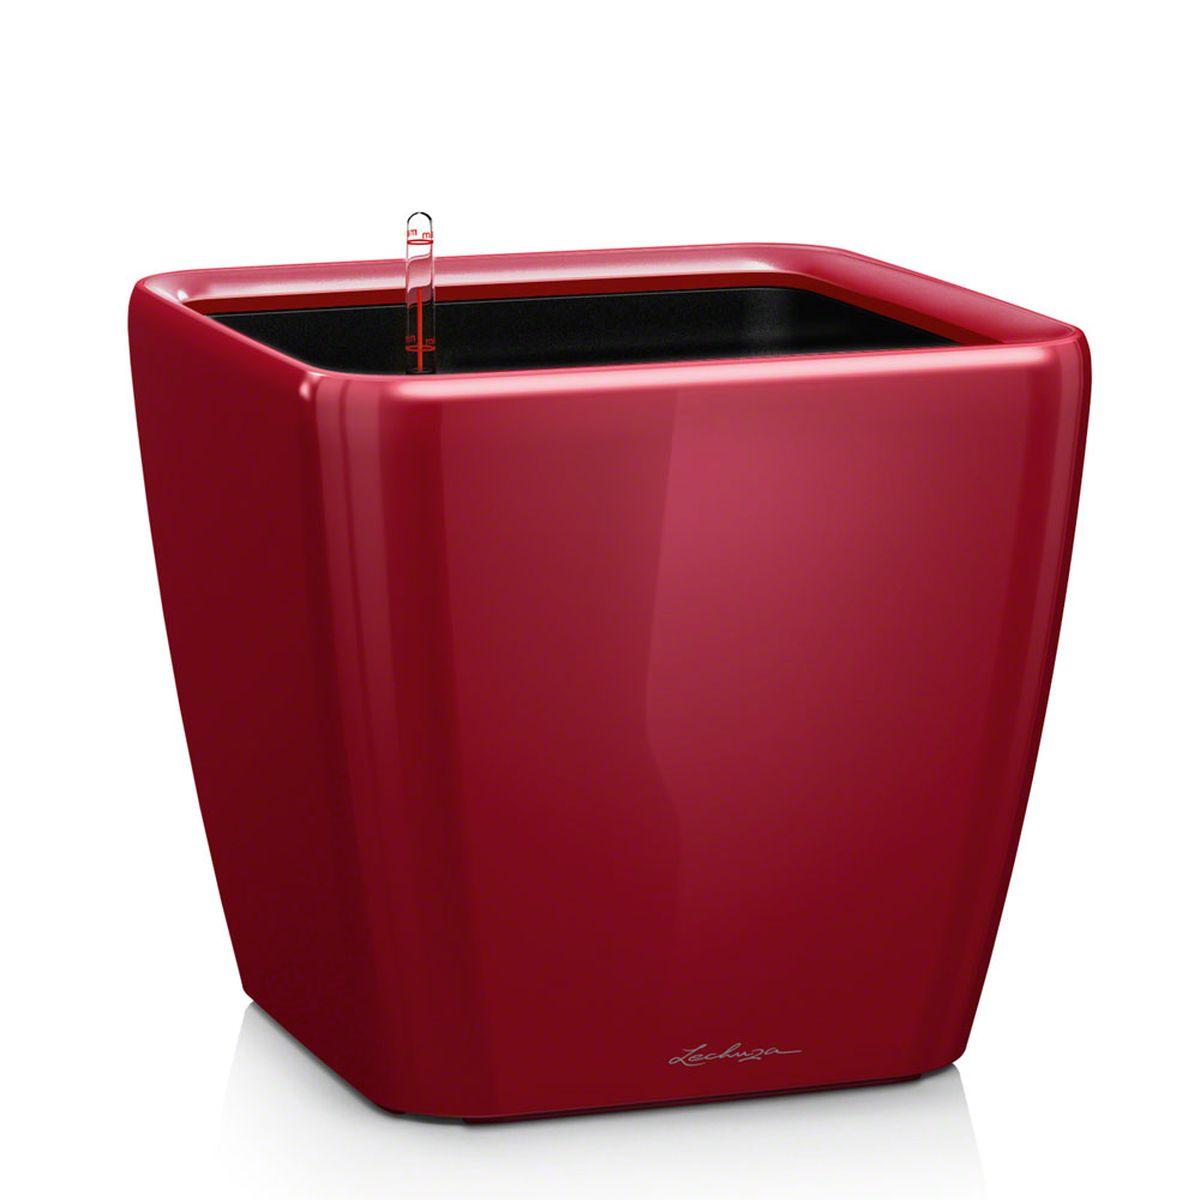 Кашпо Lechuza Quadro, с системой автополива, цвет: красный, 28 х 28 х 26 см15674Кашпо Lechuza Quadro, выполненное извысококачественного пластика, имеет уникальную системуавтополива, благодаря которой корневая система растениянепрерывно снабжается влагой из резервуара. Уровень водыв резервуаре контролируется с помощью специальногоиндикатора. В зависимости от размера кашпо и растенияводы хватает на 2-12 недель. Это способствует хорошему ростуцветов и предотвращает переувлажнение. В набор входит: кашпо, внутренний горшок с выдвижнойэргономичной ручкой, индикатор уровня воды, вал подачиводы, субстрат растений в качестве дренажного слоя,резервуар для воды. Кашпо Lechuza Quadro прекрасно впишется в любойинтерьер. Оно поможет расставить нужные акценты, а такжепридаст помещению вид, соответствующий вашимпредставлениям.